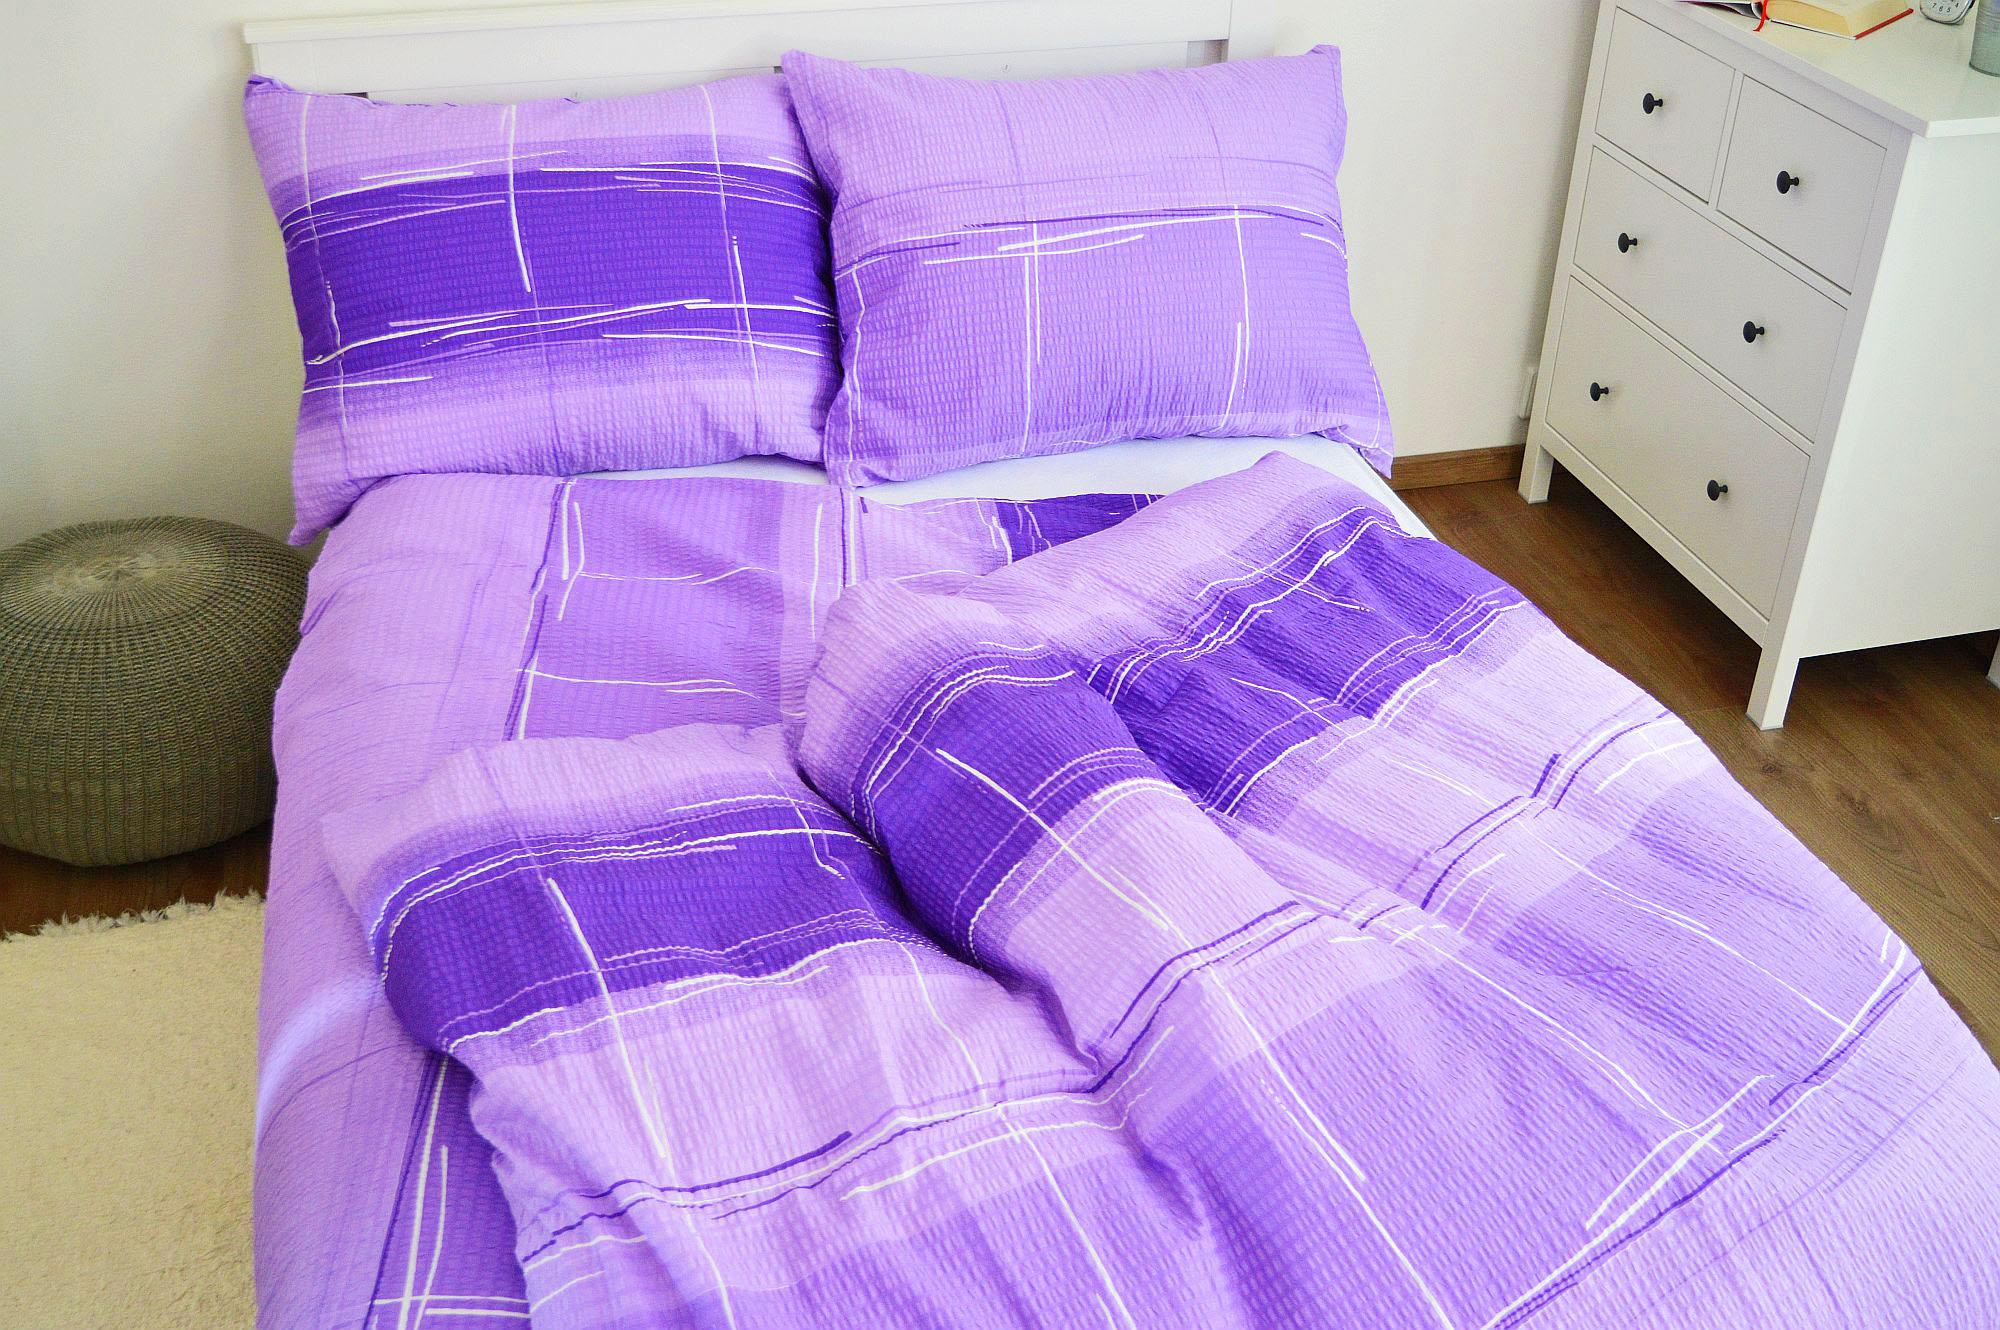 Krepové obliečky 140x260 - škvrny fialové